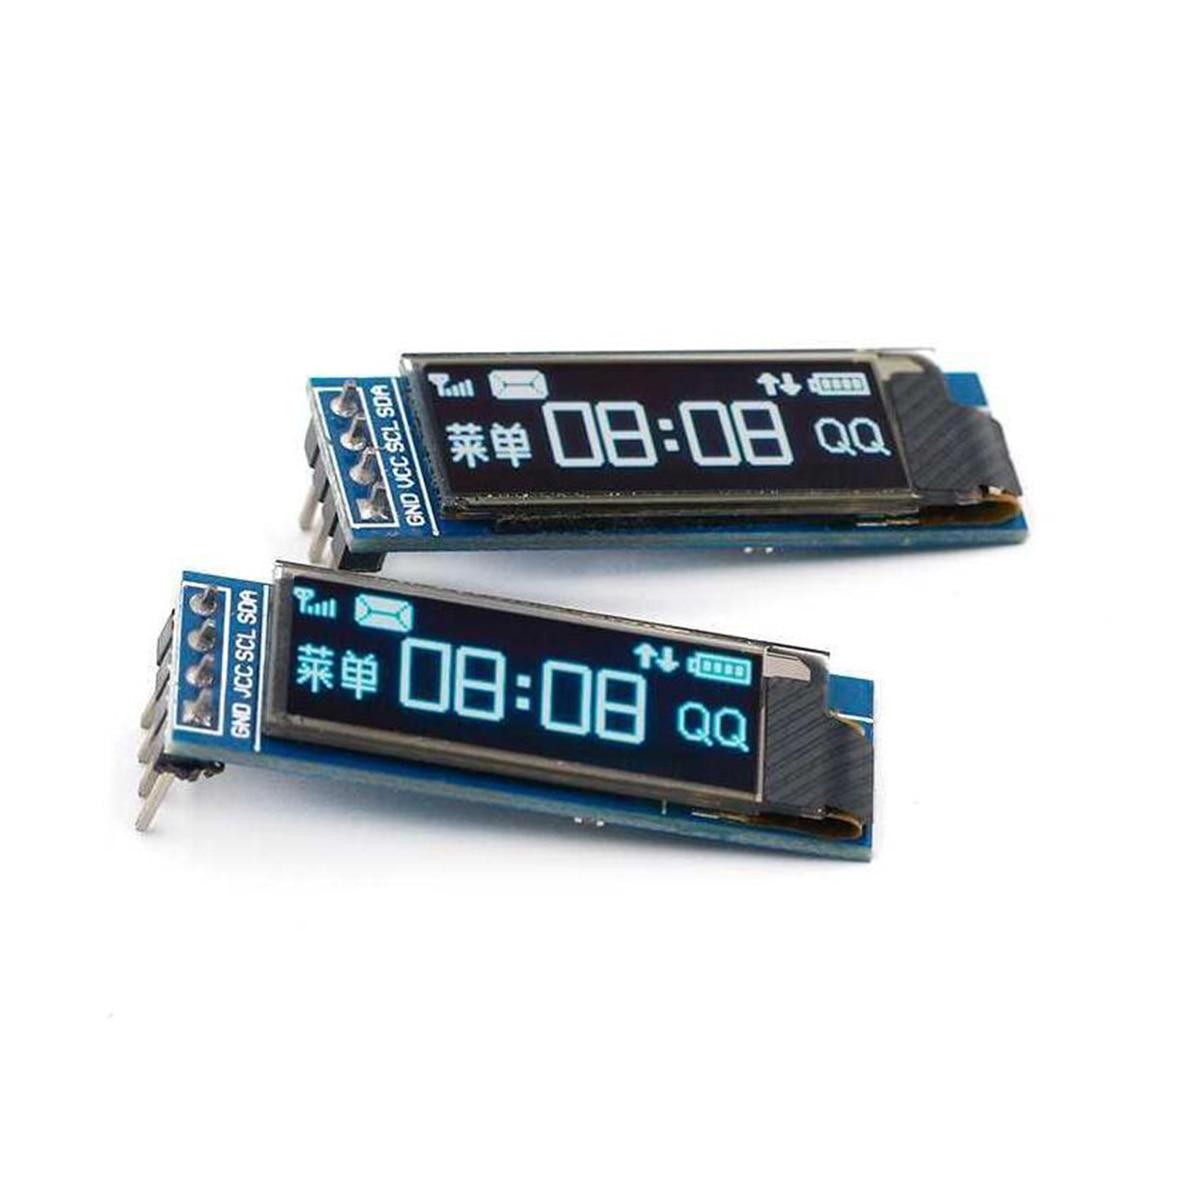 Модуль светодиодного дисплея 0,91 дюйма, белый/синий светодиодный дисплей 128X32, SSD1306 12864 0,91 IIC i2C для общения с ardunio